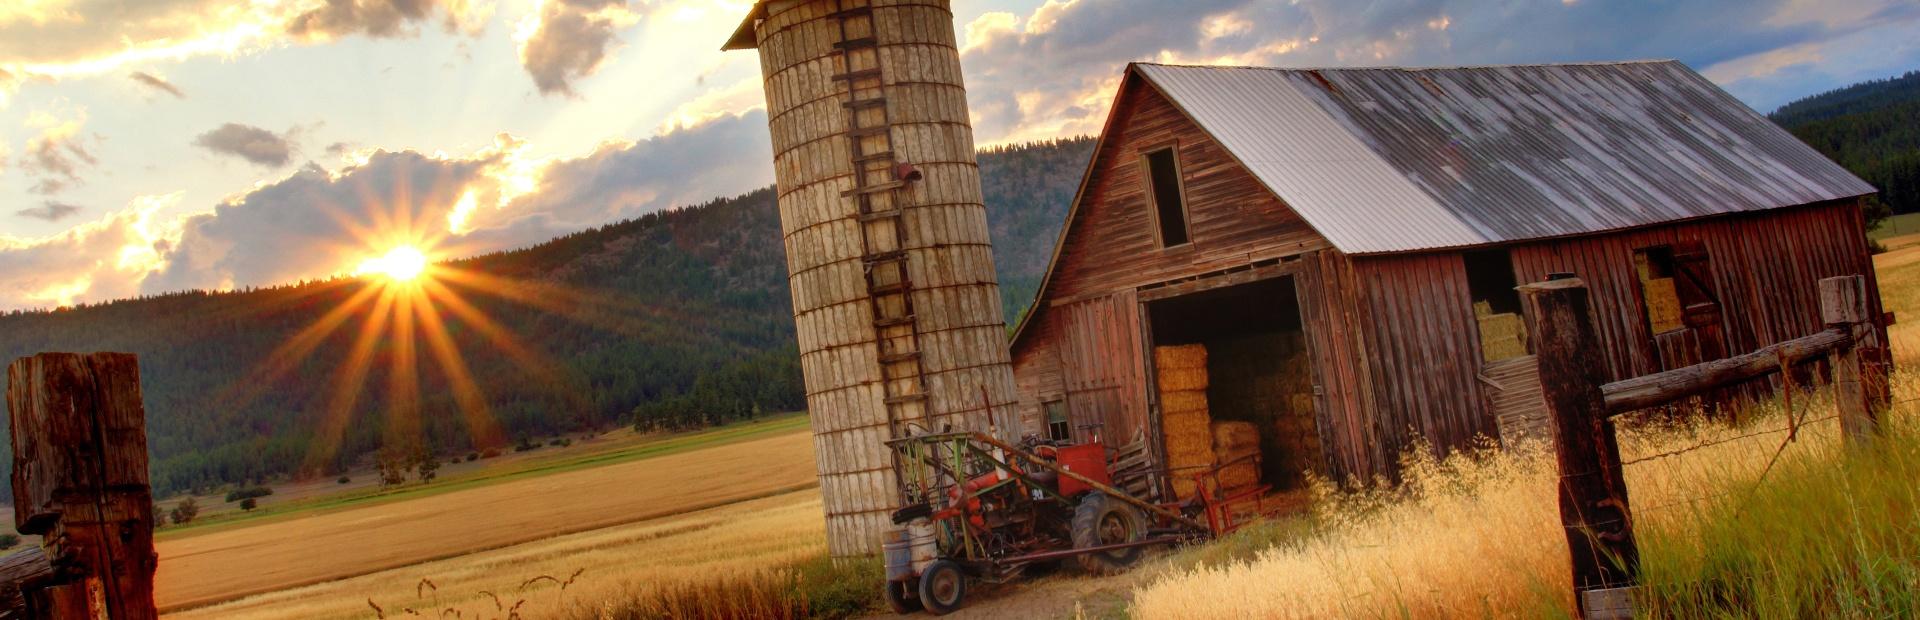 Farm Grants Slider.jpg